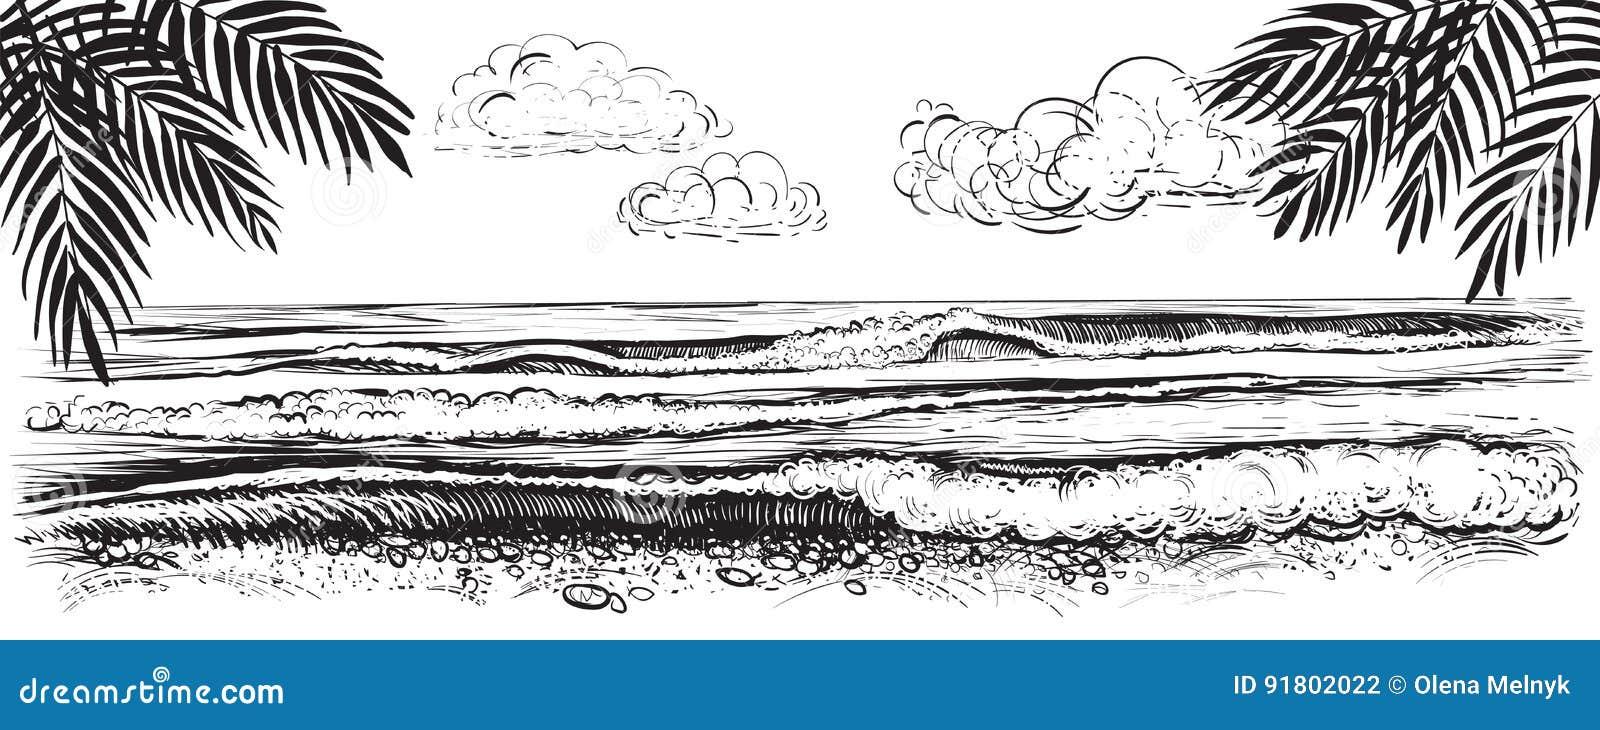 взгляд пляжа панорамный Иллюстрация вектора волн океана или моря вычерченная рука